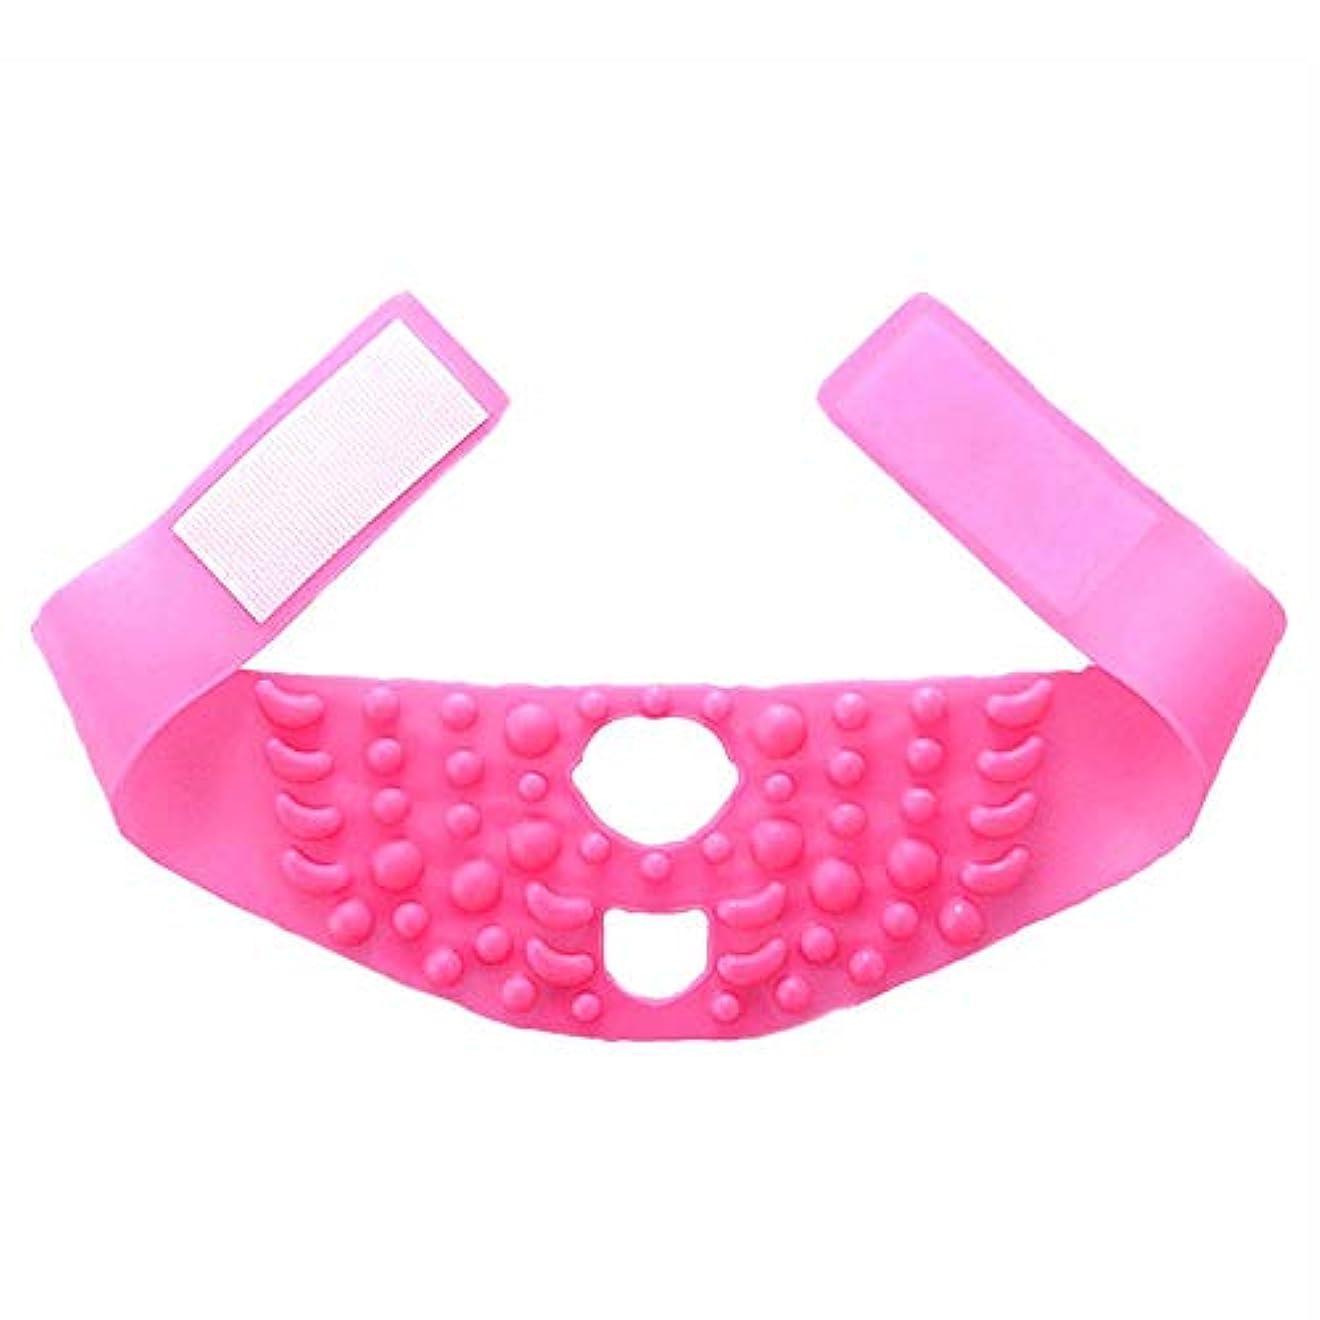 発信鉄道ウルルJia Jia- シンフェイスマスクシリコーンマッサージ引き締まった形の小さなVフェイスリフティングに薄いフェイスアーティファクト包帯を飾る - ピンク 顔面包帯